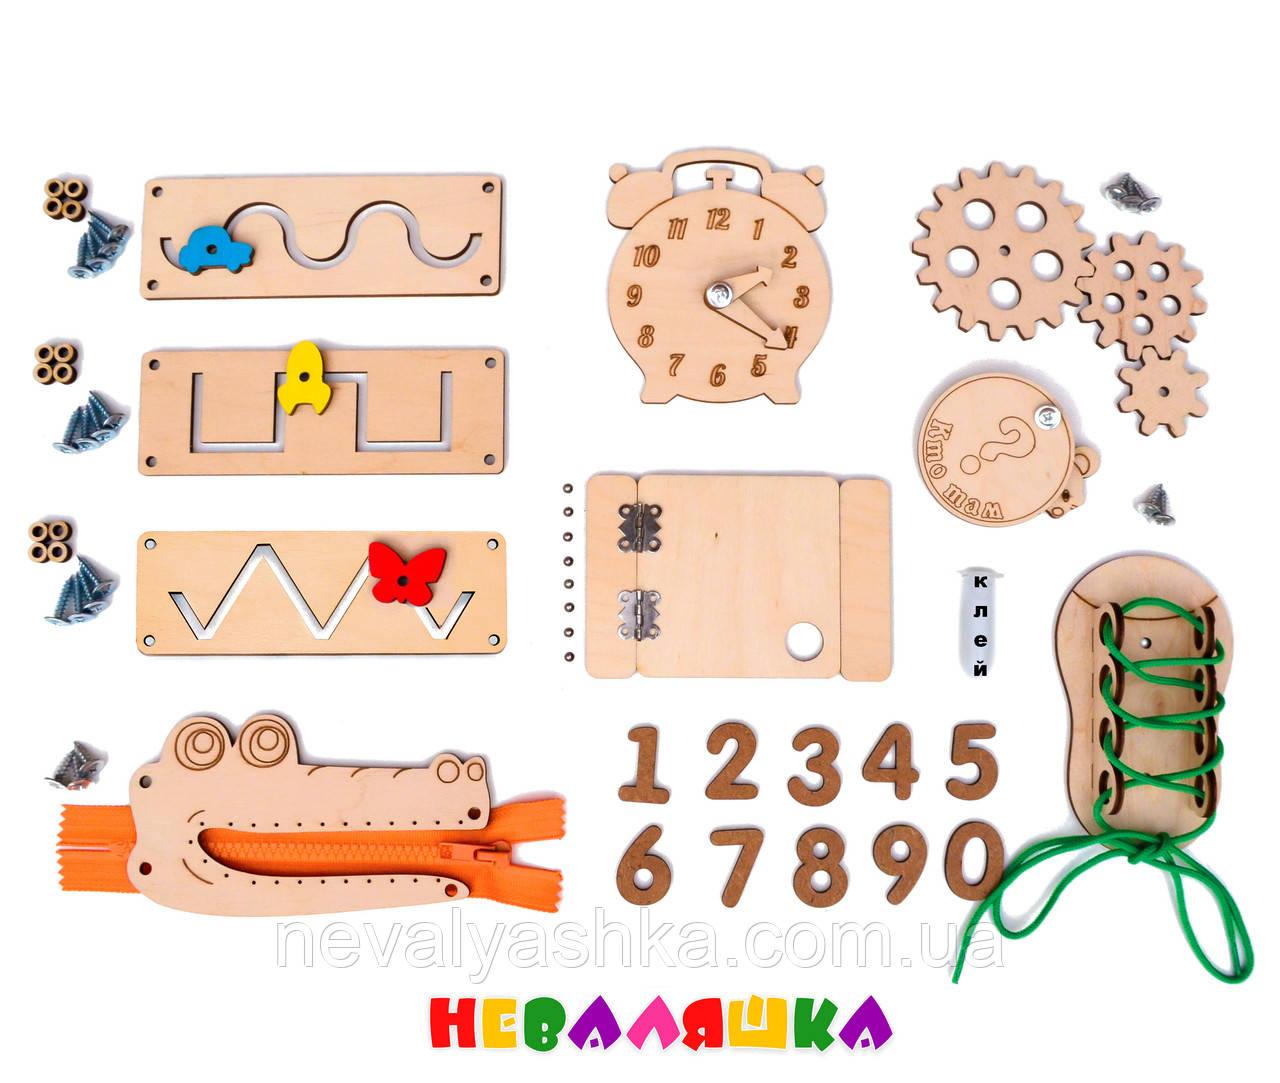 Набор Заготовок для Бизиборда Основные Детали 10в1 Весь Стандартный Комплект (+Клей +Шурупы) Набір Бізіборда